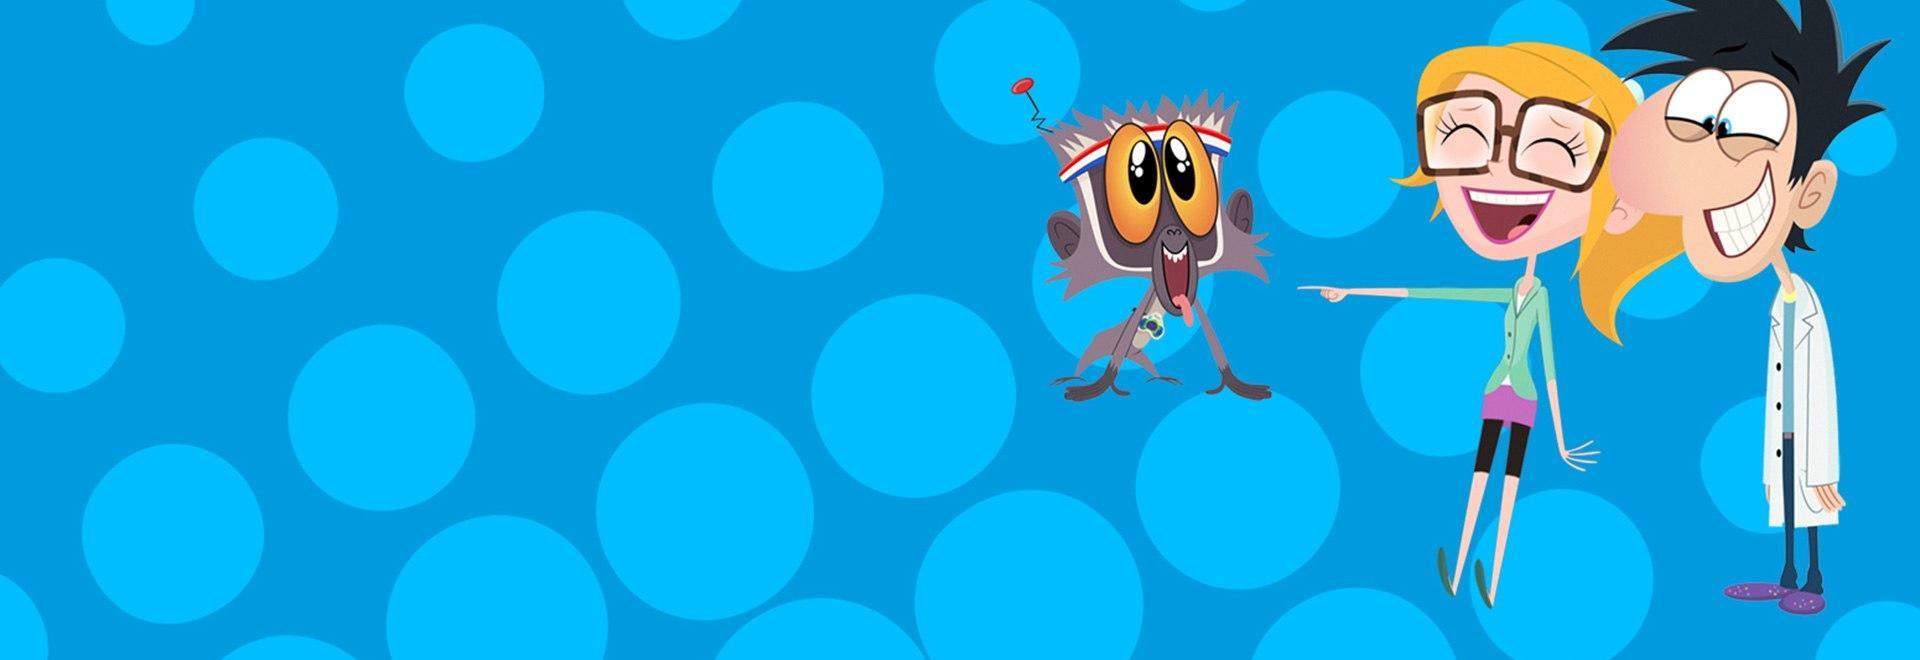 Il Gioco del Pesce Ballerino